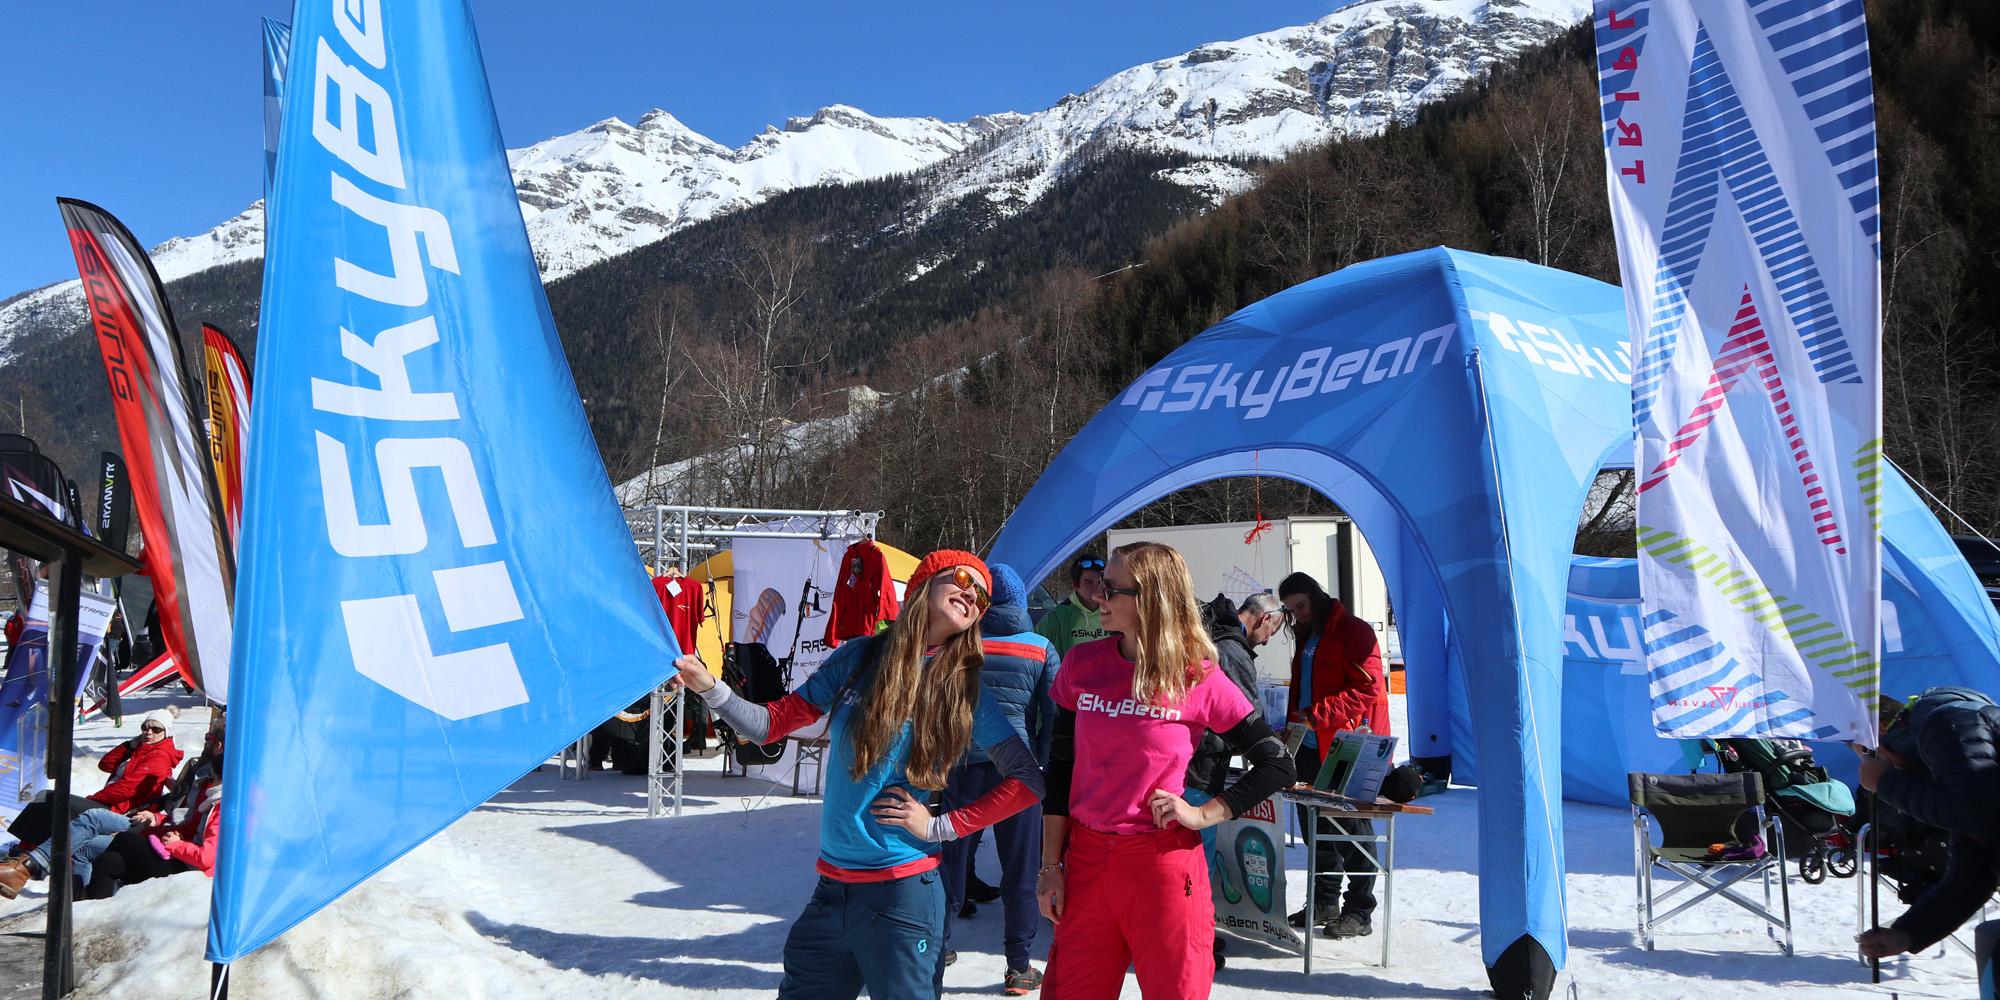 Namiot reklamowy VENTO na evencie w warunkach zimowych